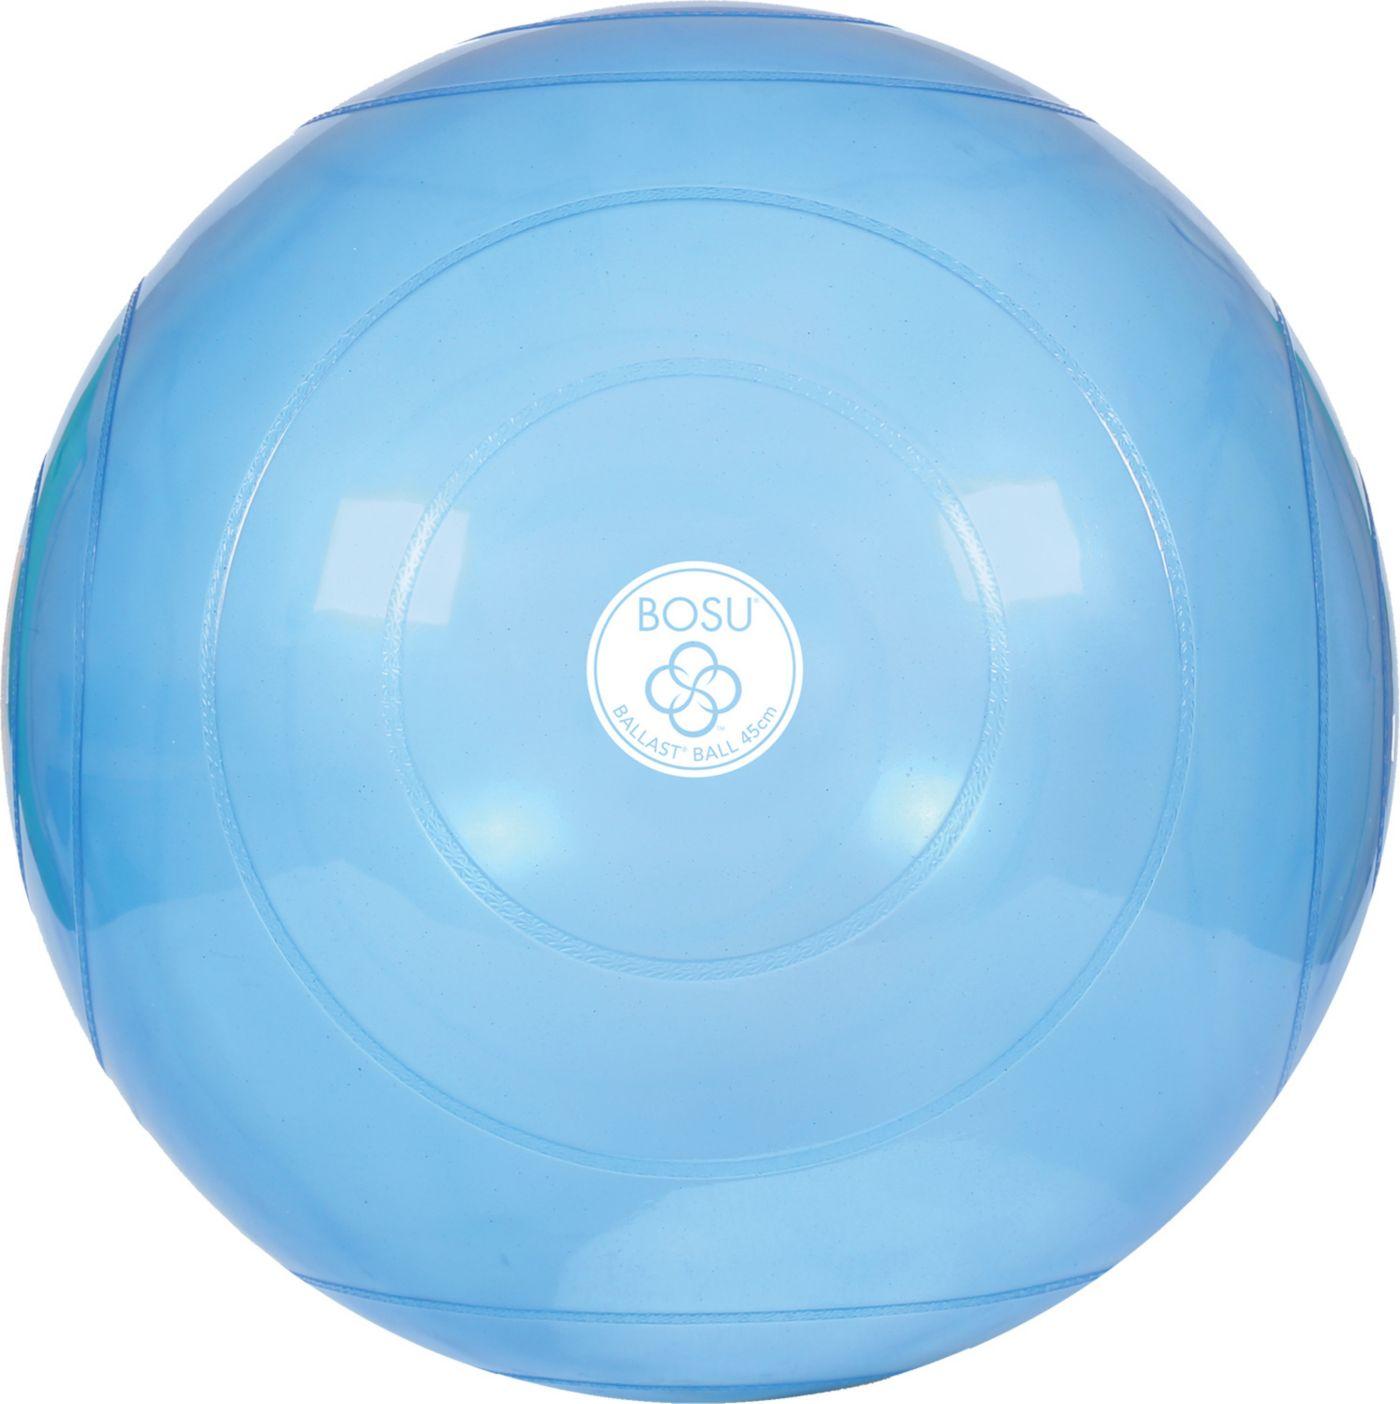 BOSU 45 cm Ballast Stability Ball